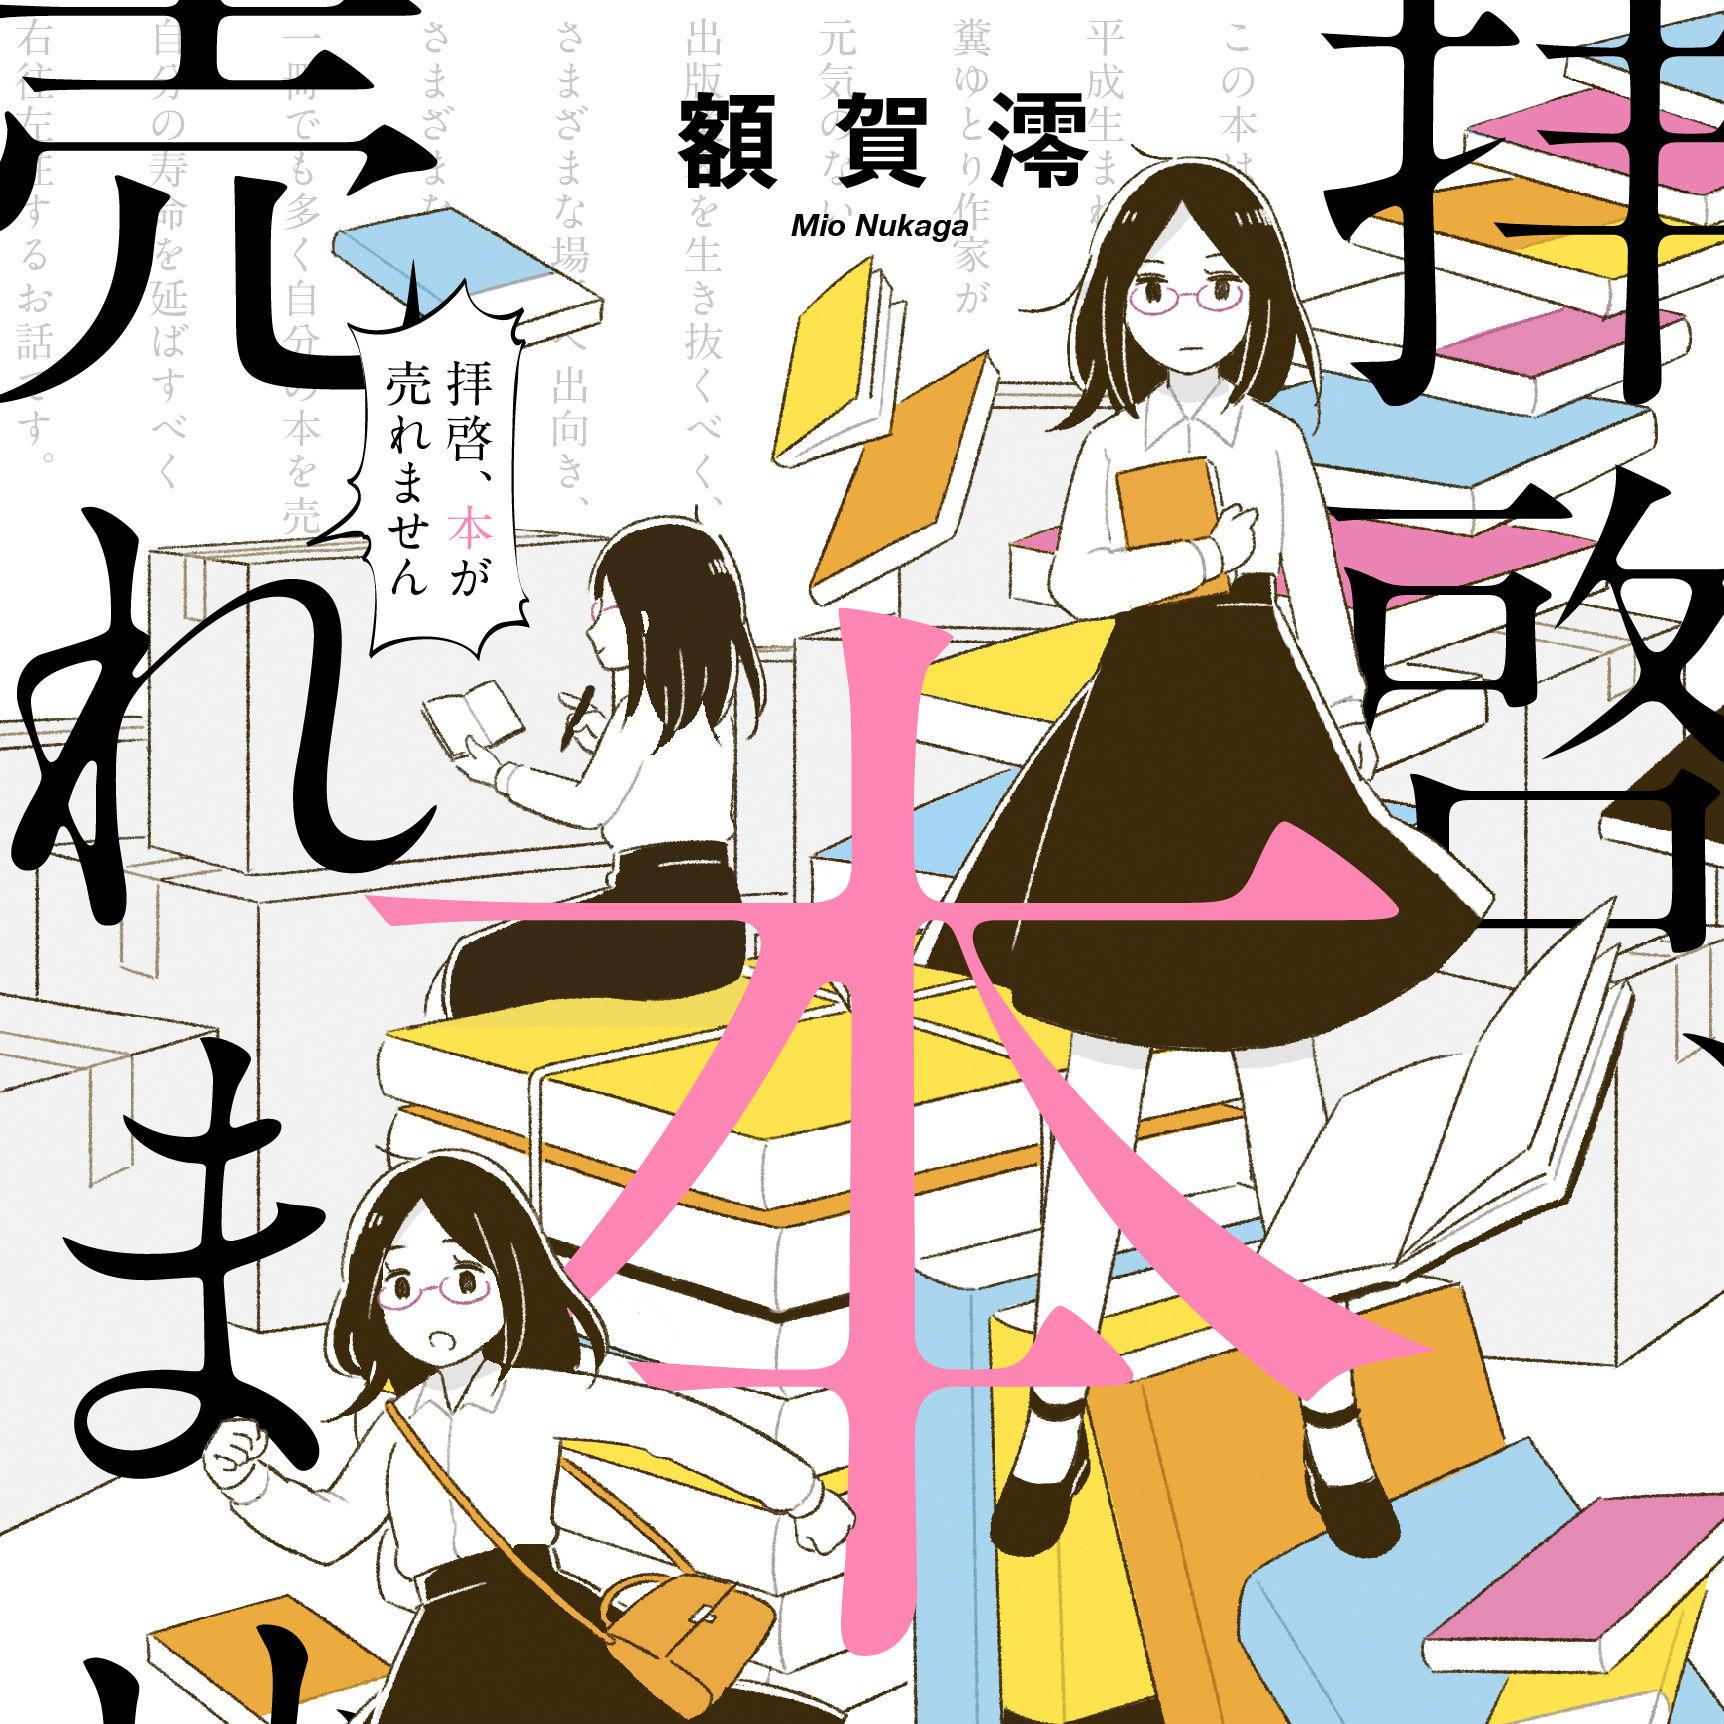 """青春小説を書く作家の""""毒""""とは。「額賀澪の本当の魅力が味わえる」1冊"""